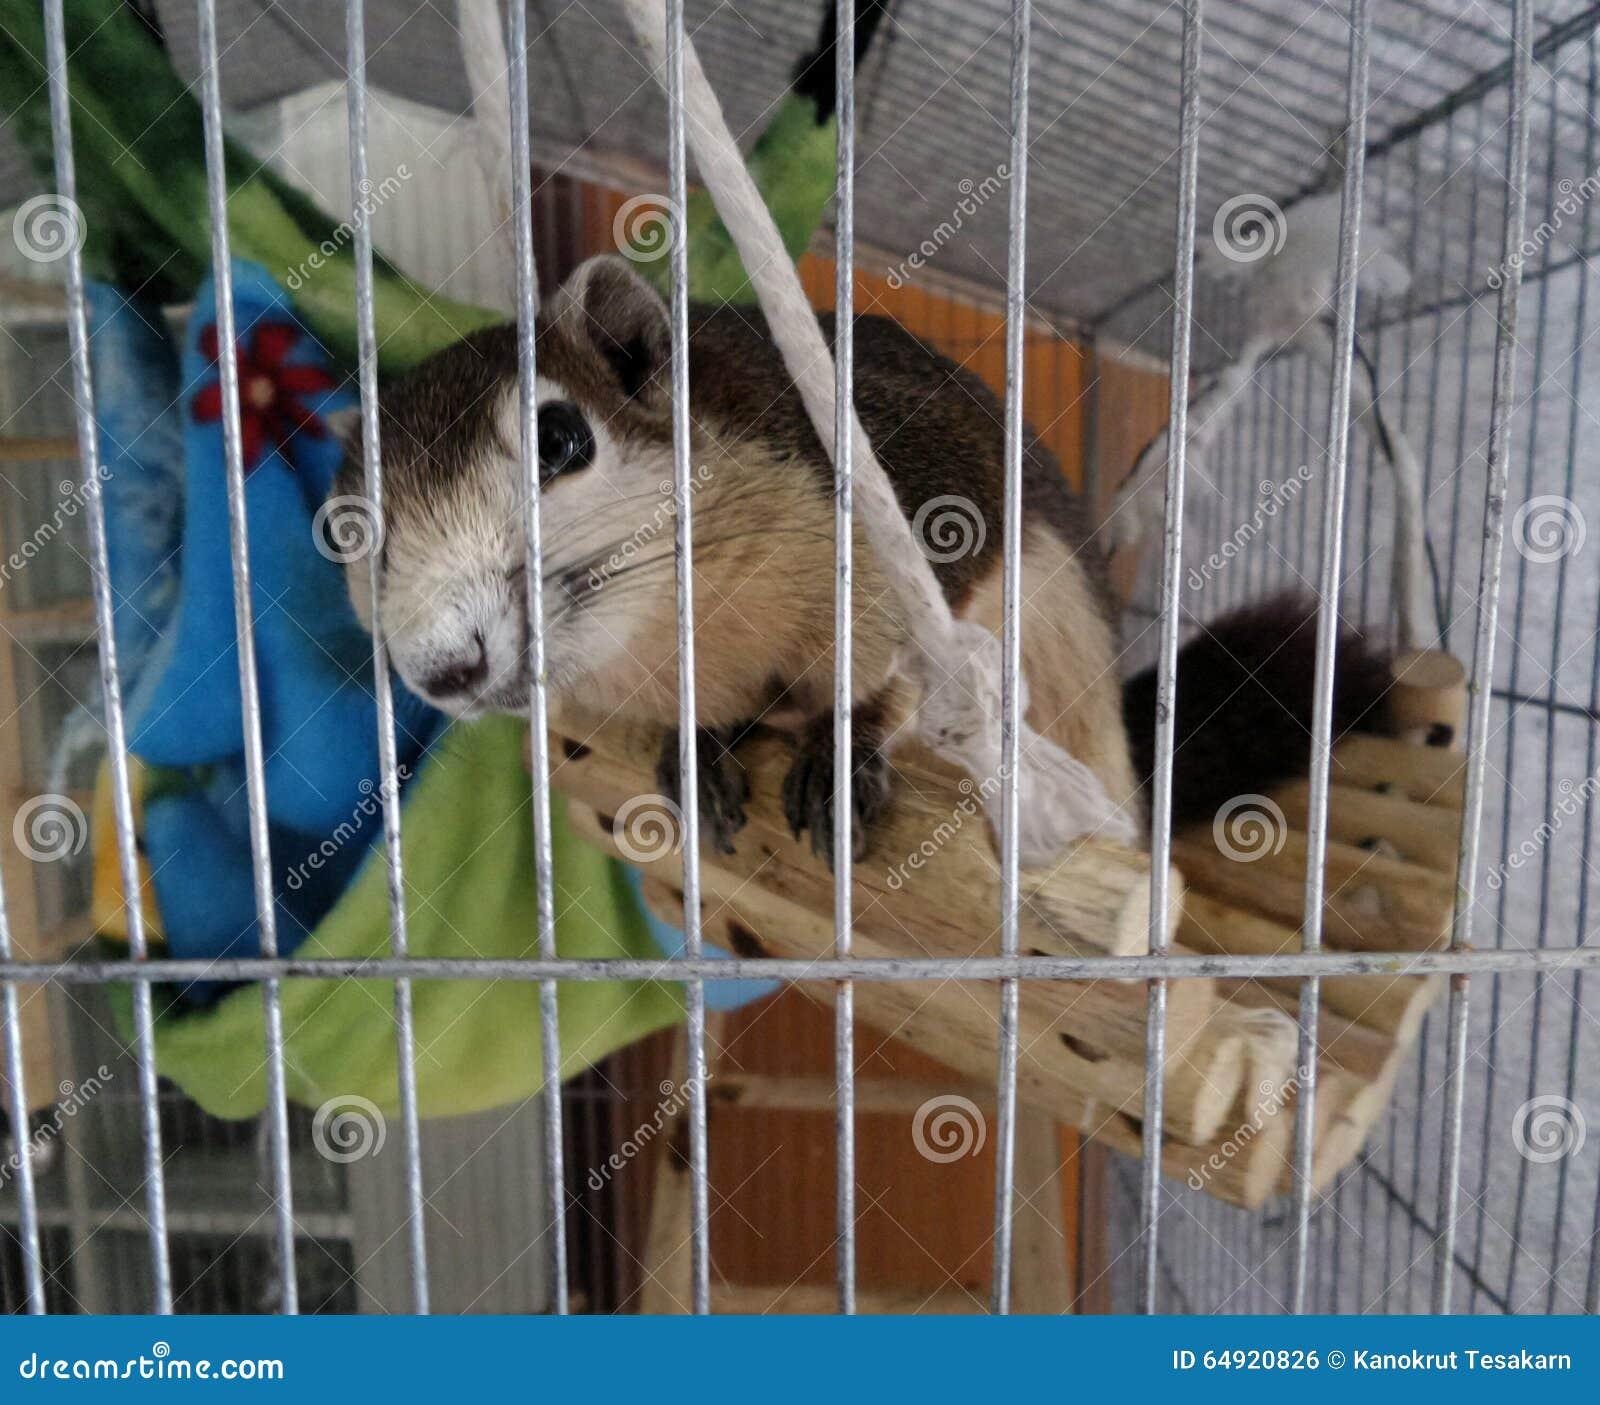 Eichhörnchen im Käfig stockfoto. Bild von draht, fauna - 64920826